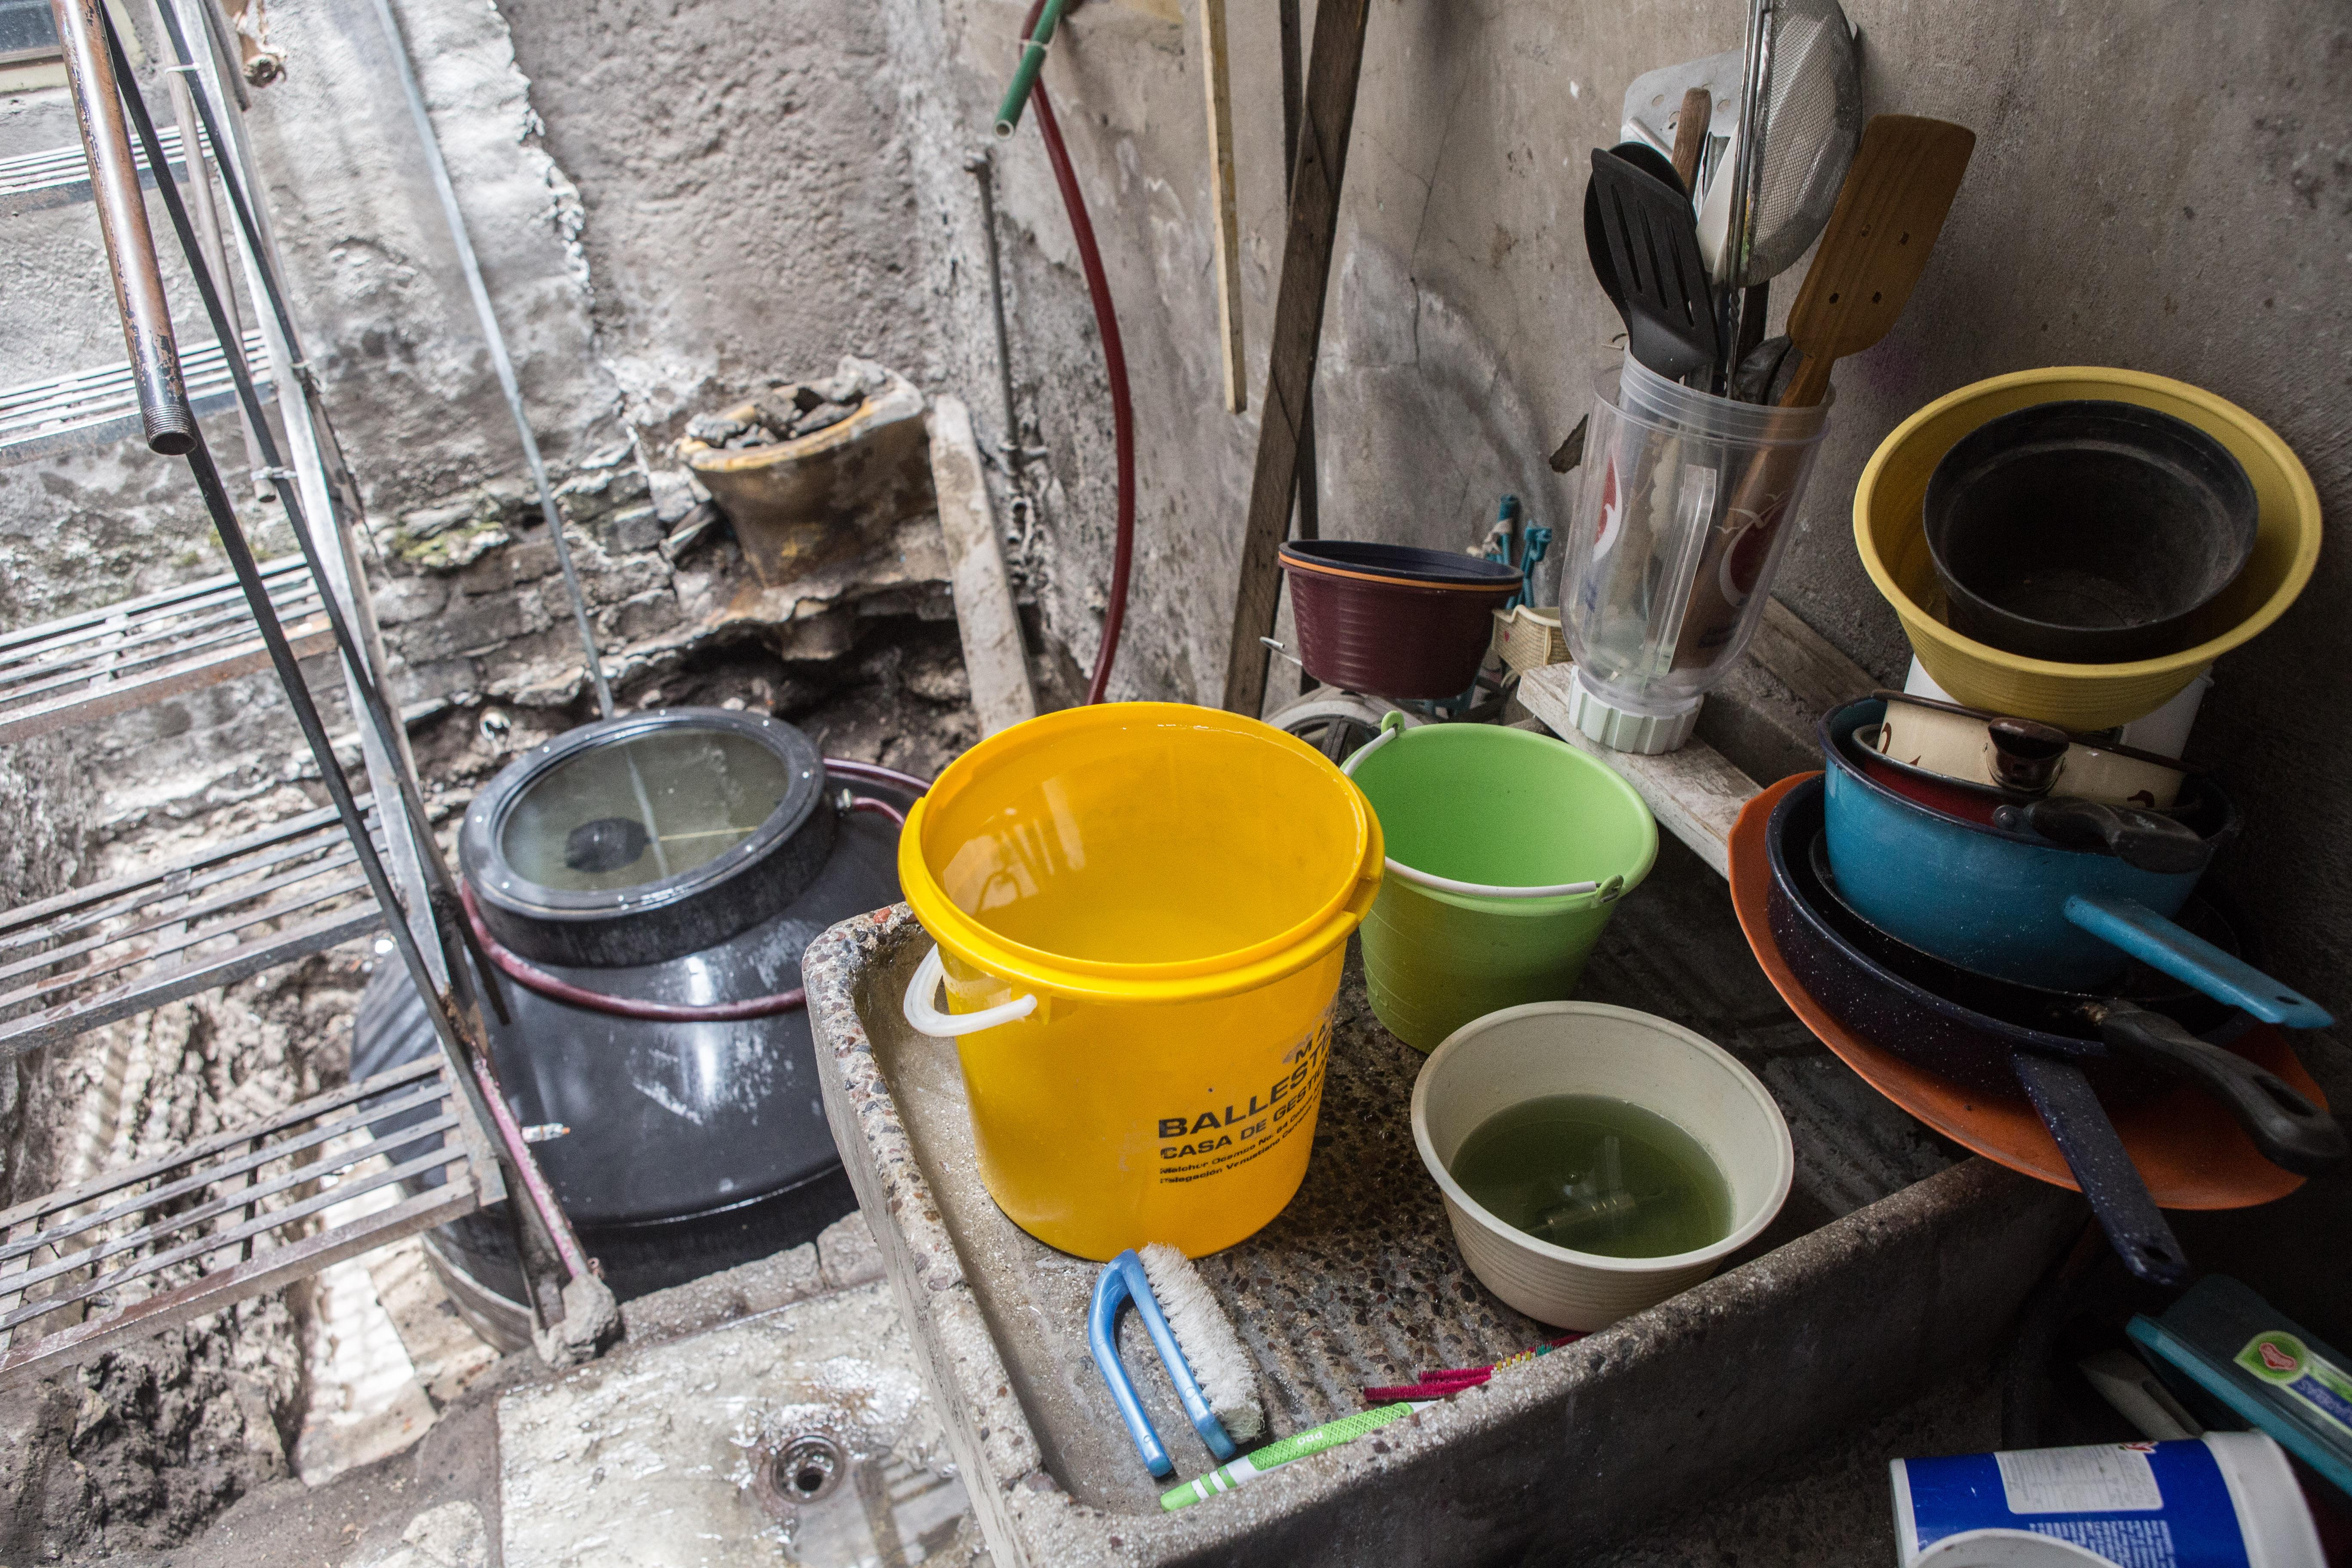 #CiudadSedienta: Así es vivir sin agua en la CDMX